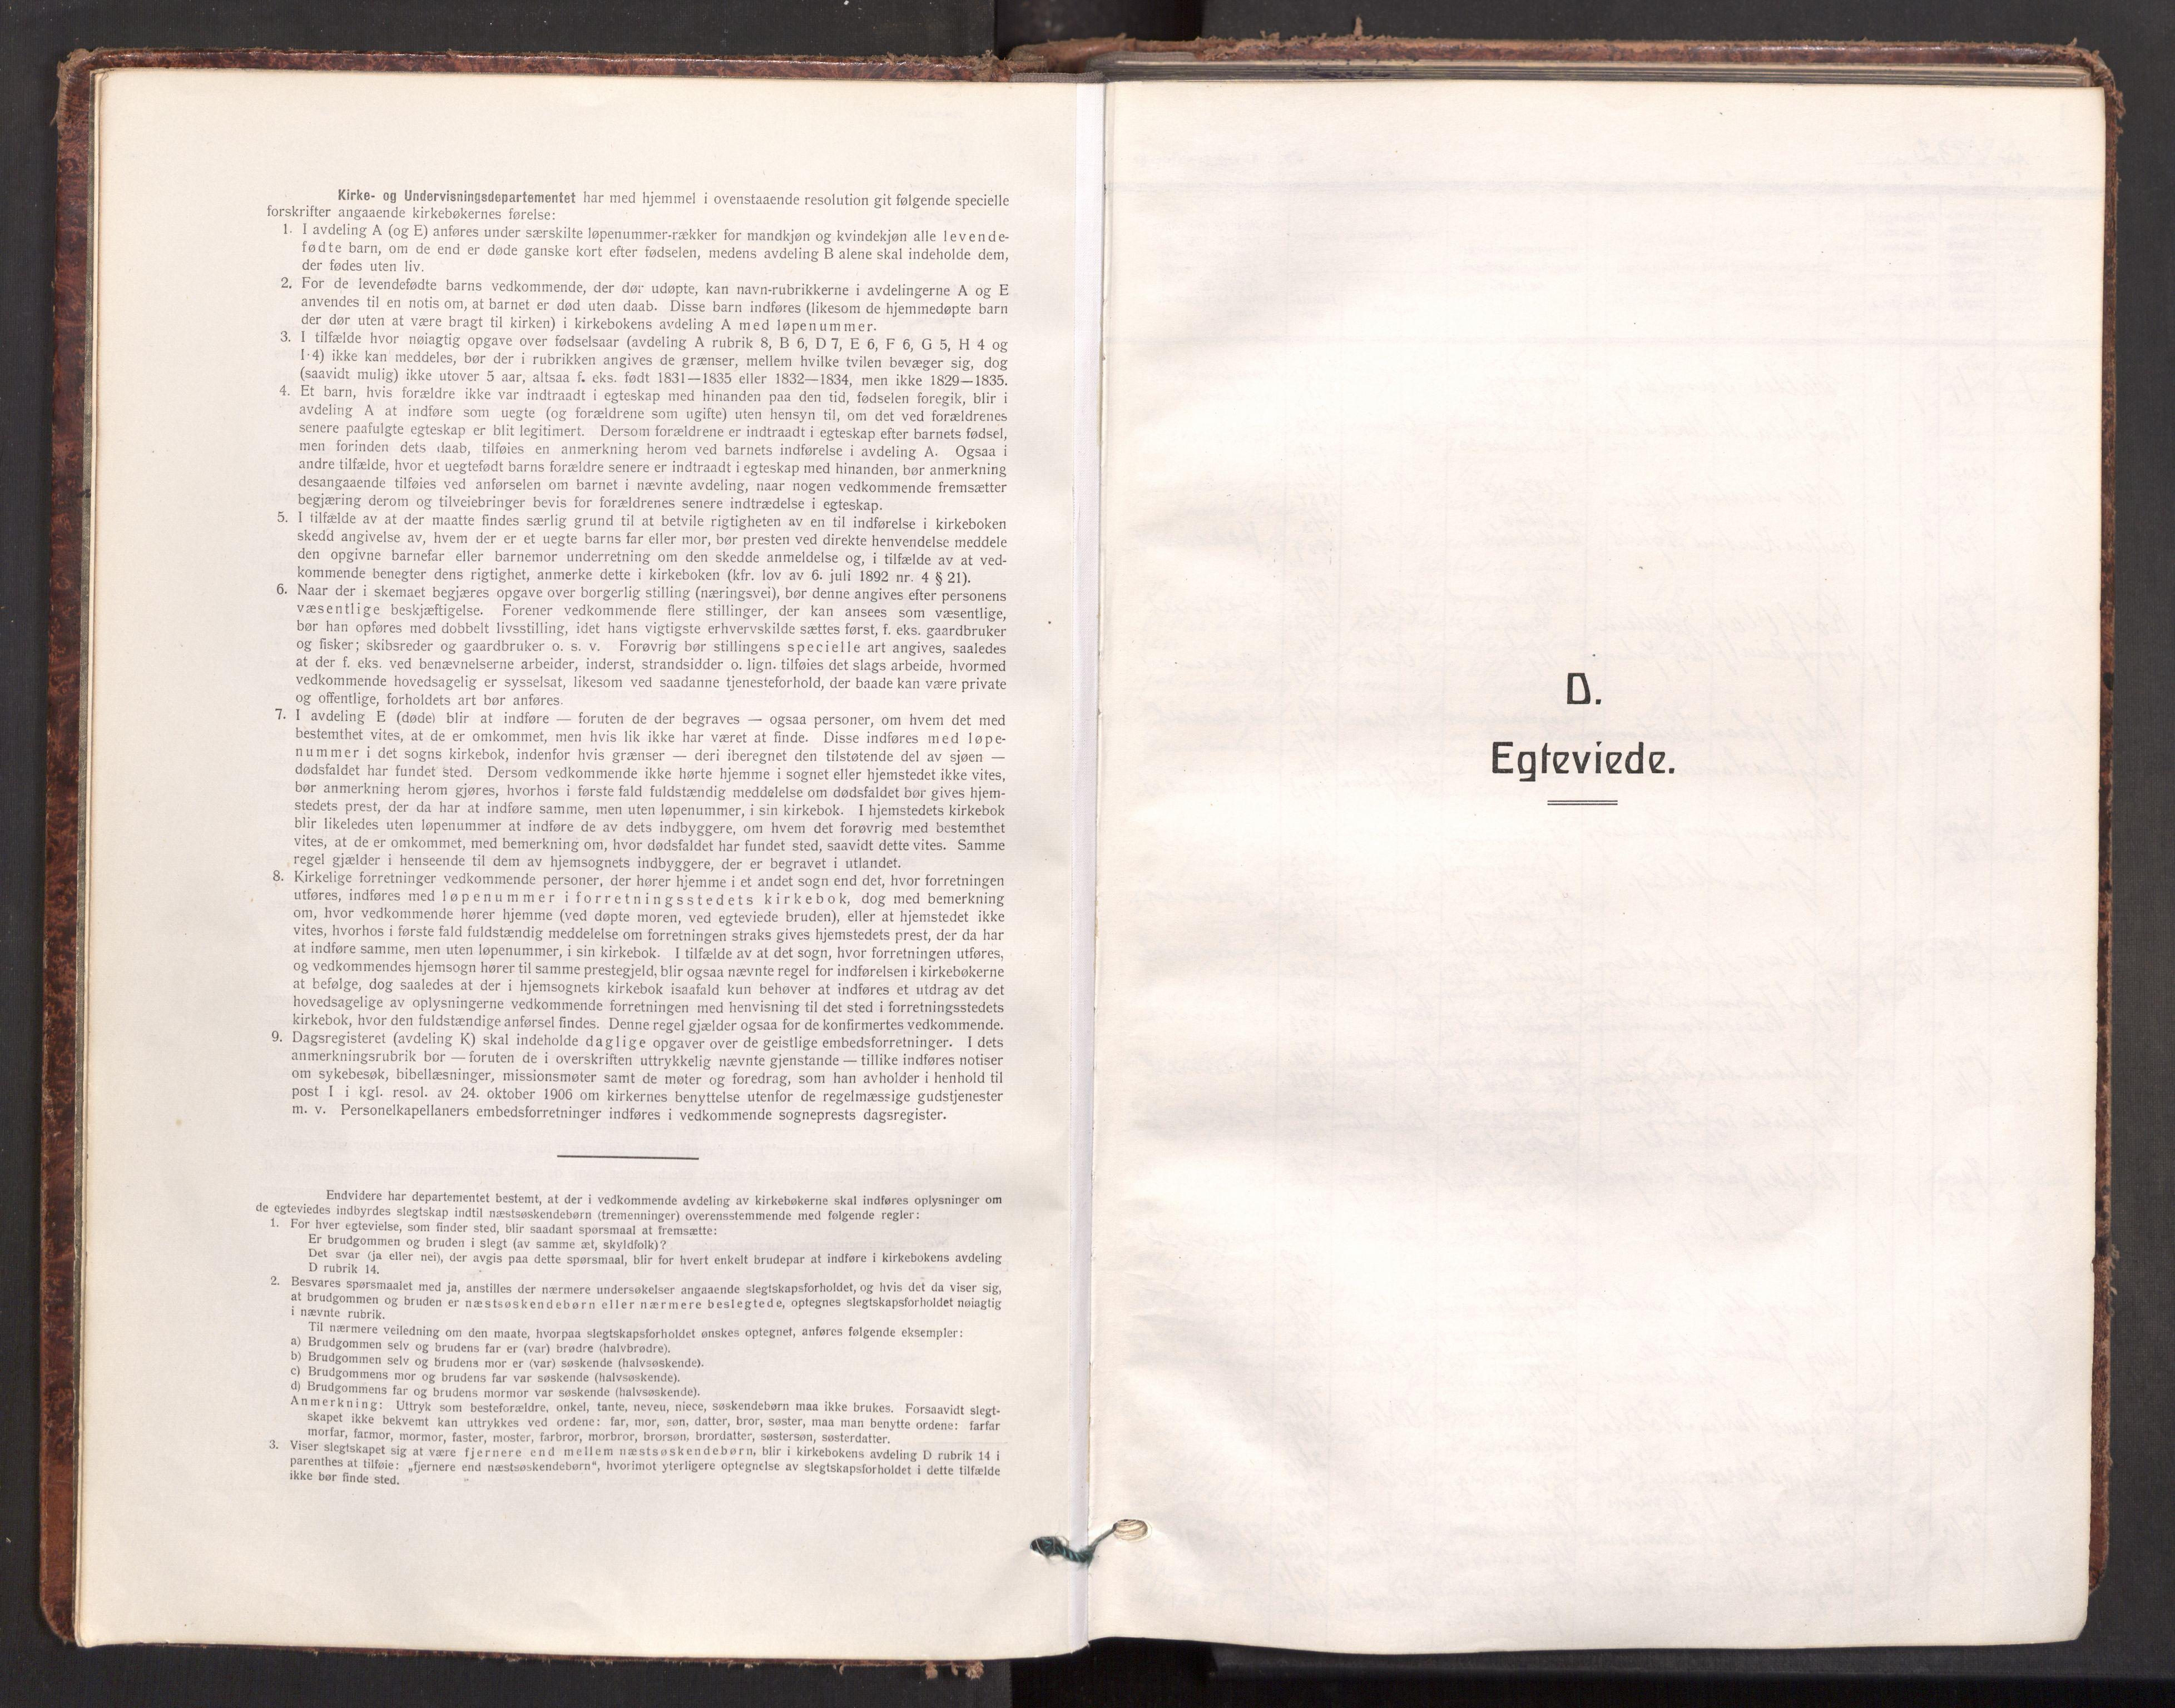 SAO, Gamle Aker prestekontor Kirkebøker, F/L0021: Ministerialbok nr. 21, 1932-1941